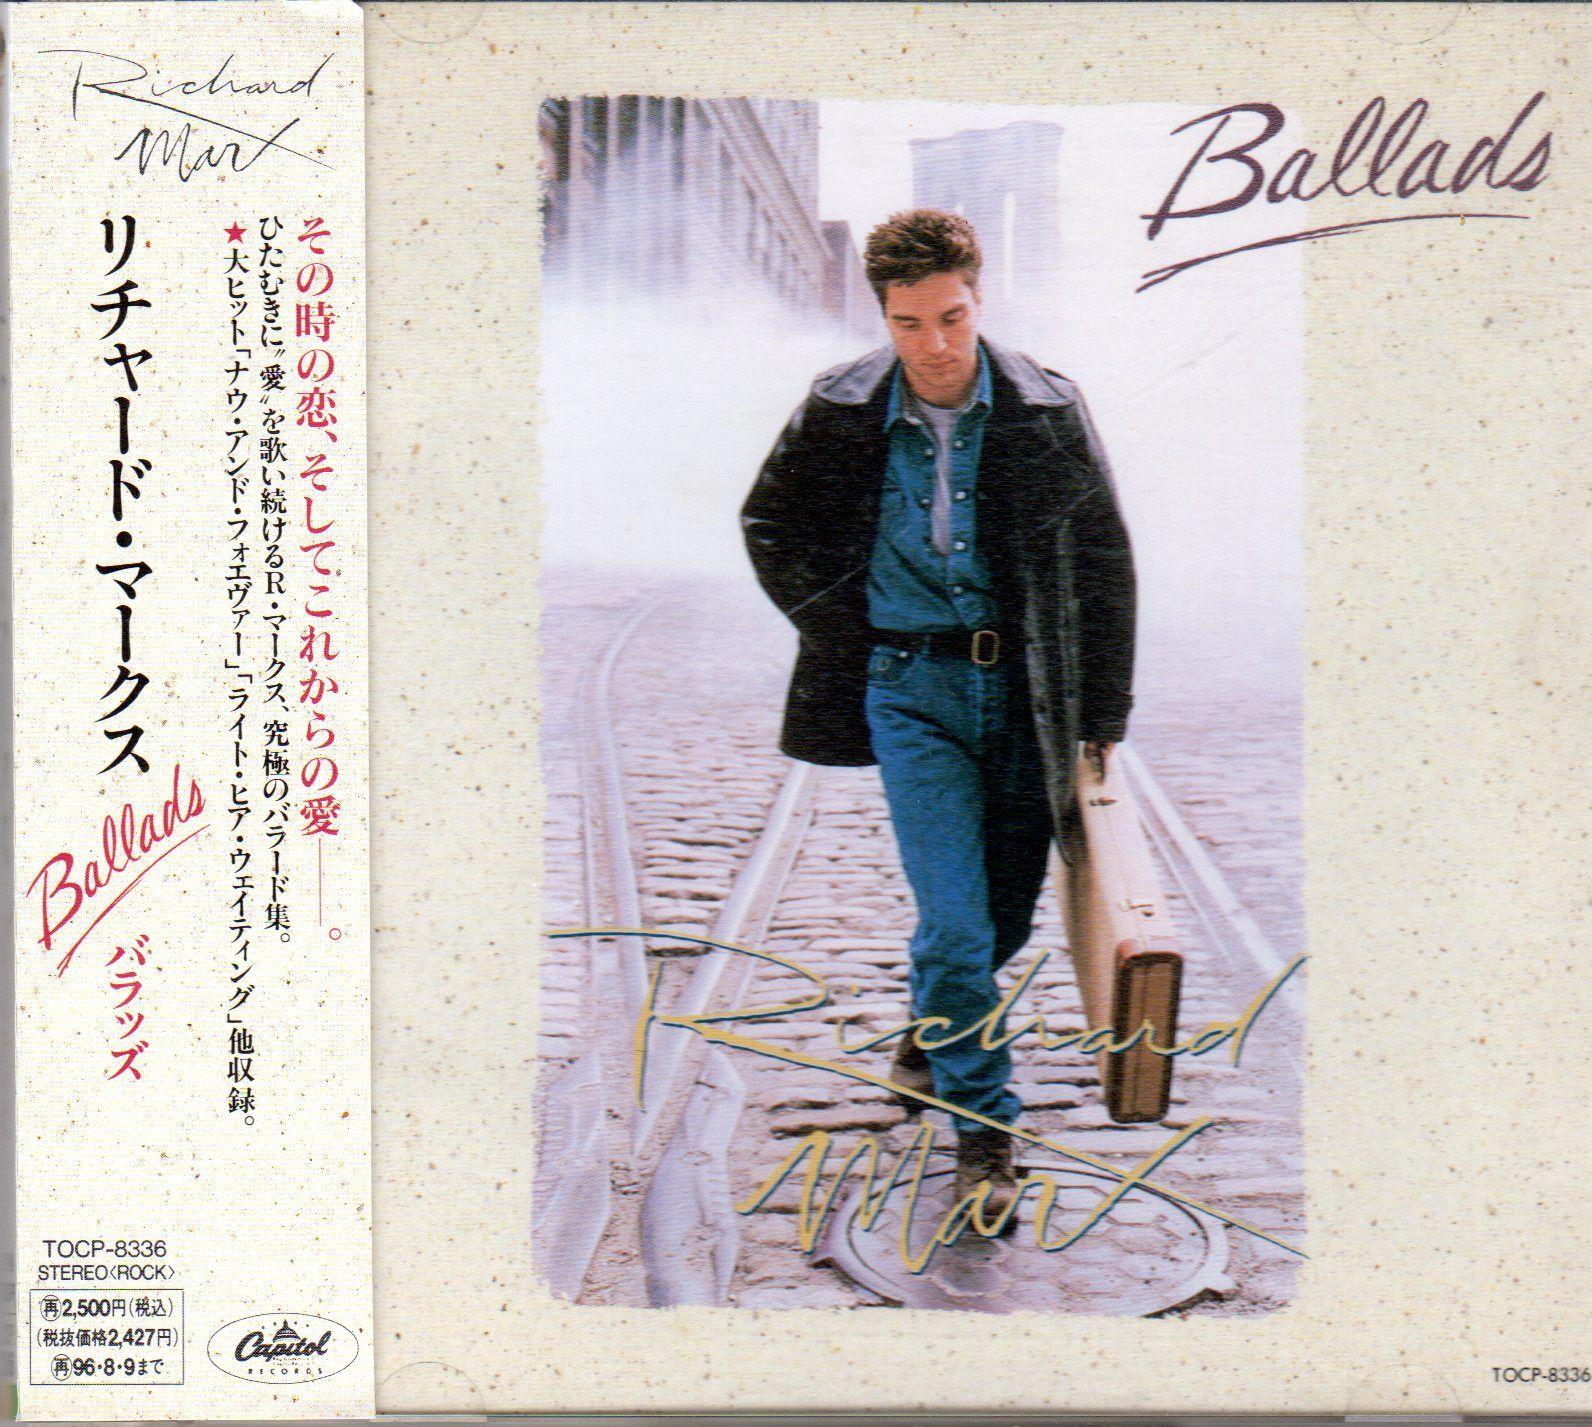 Richard marx ballads richard marx japanese imports